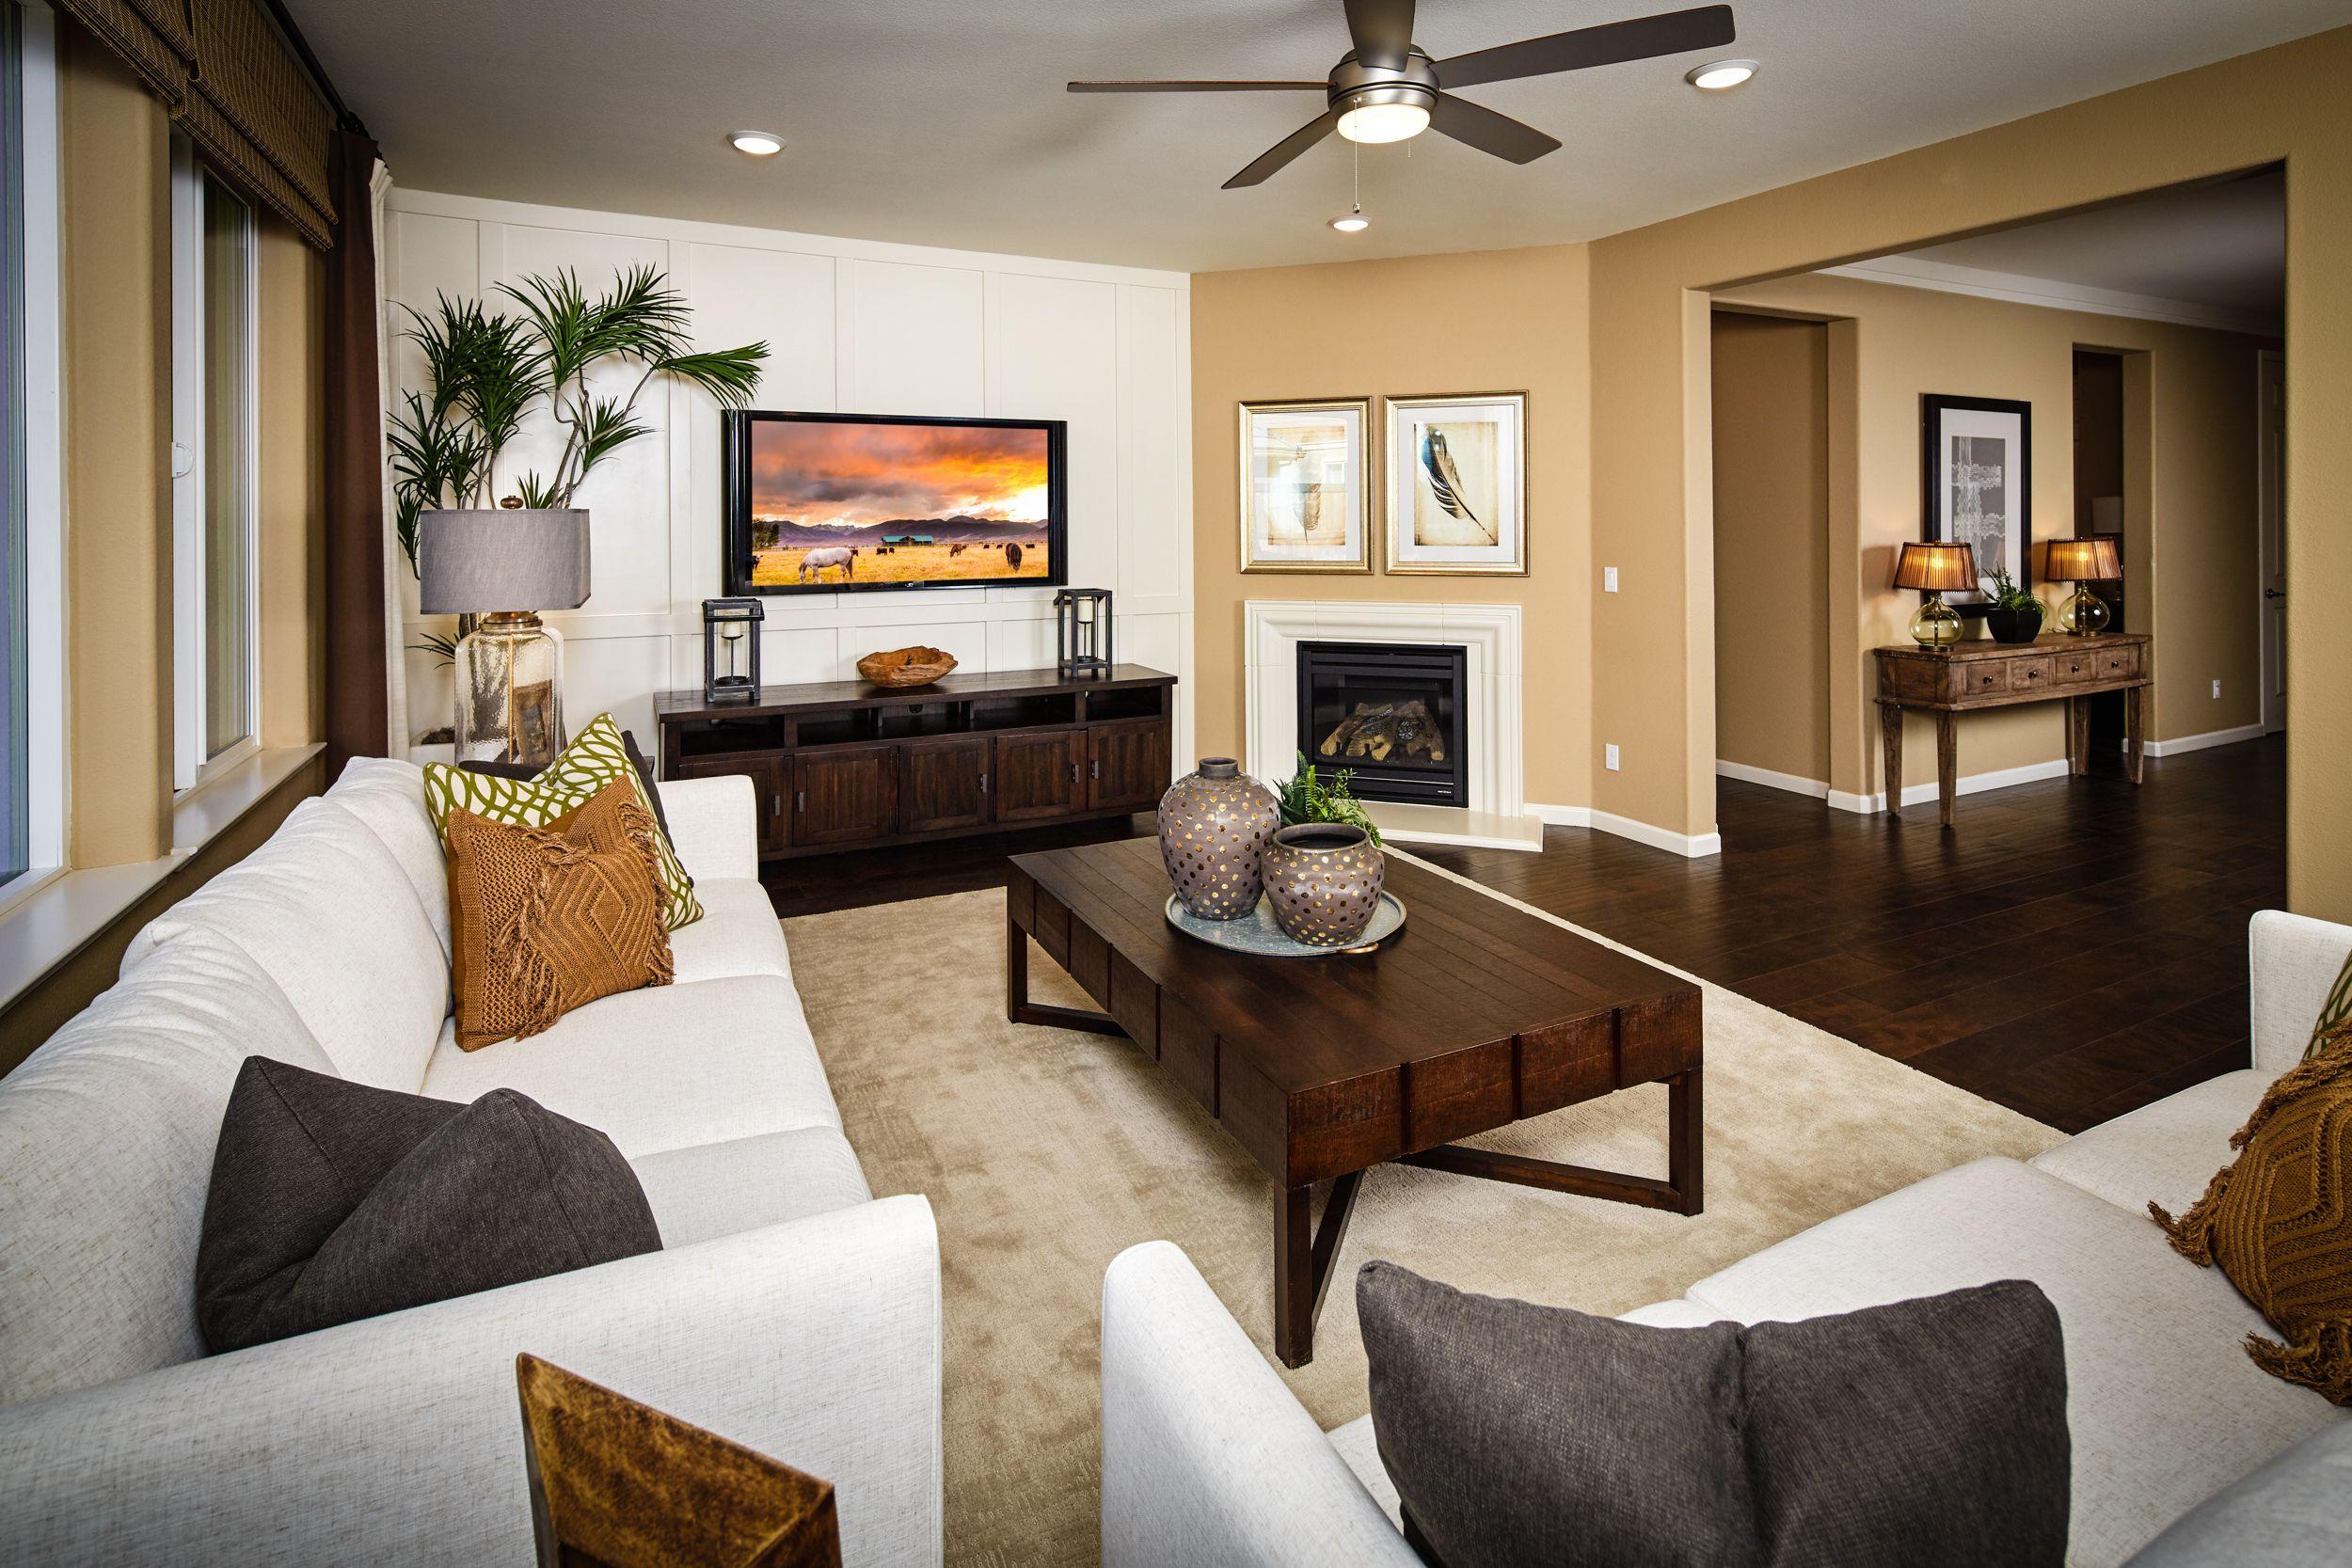 Experience Exceptional Living Fireplace Livingroom Interiorinspo Interior123 Sacramento Homes Sacramentoca Home New Homes Interior Inspo